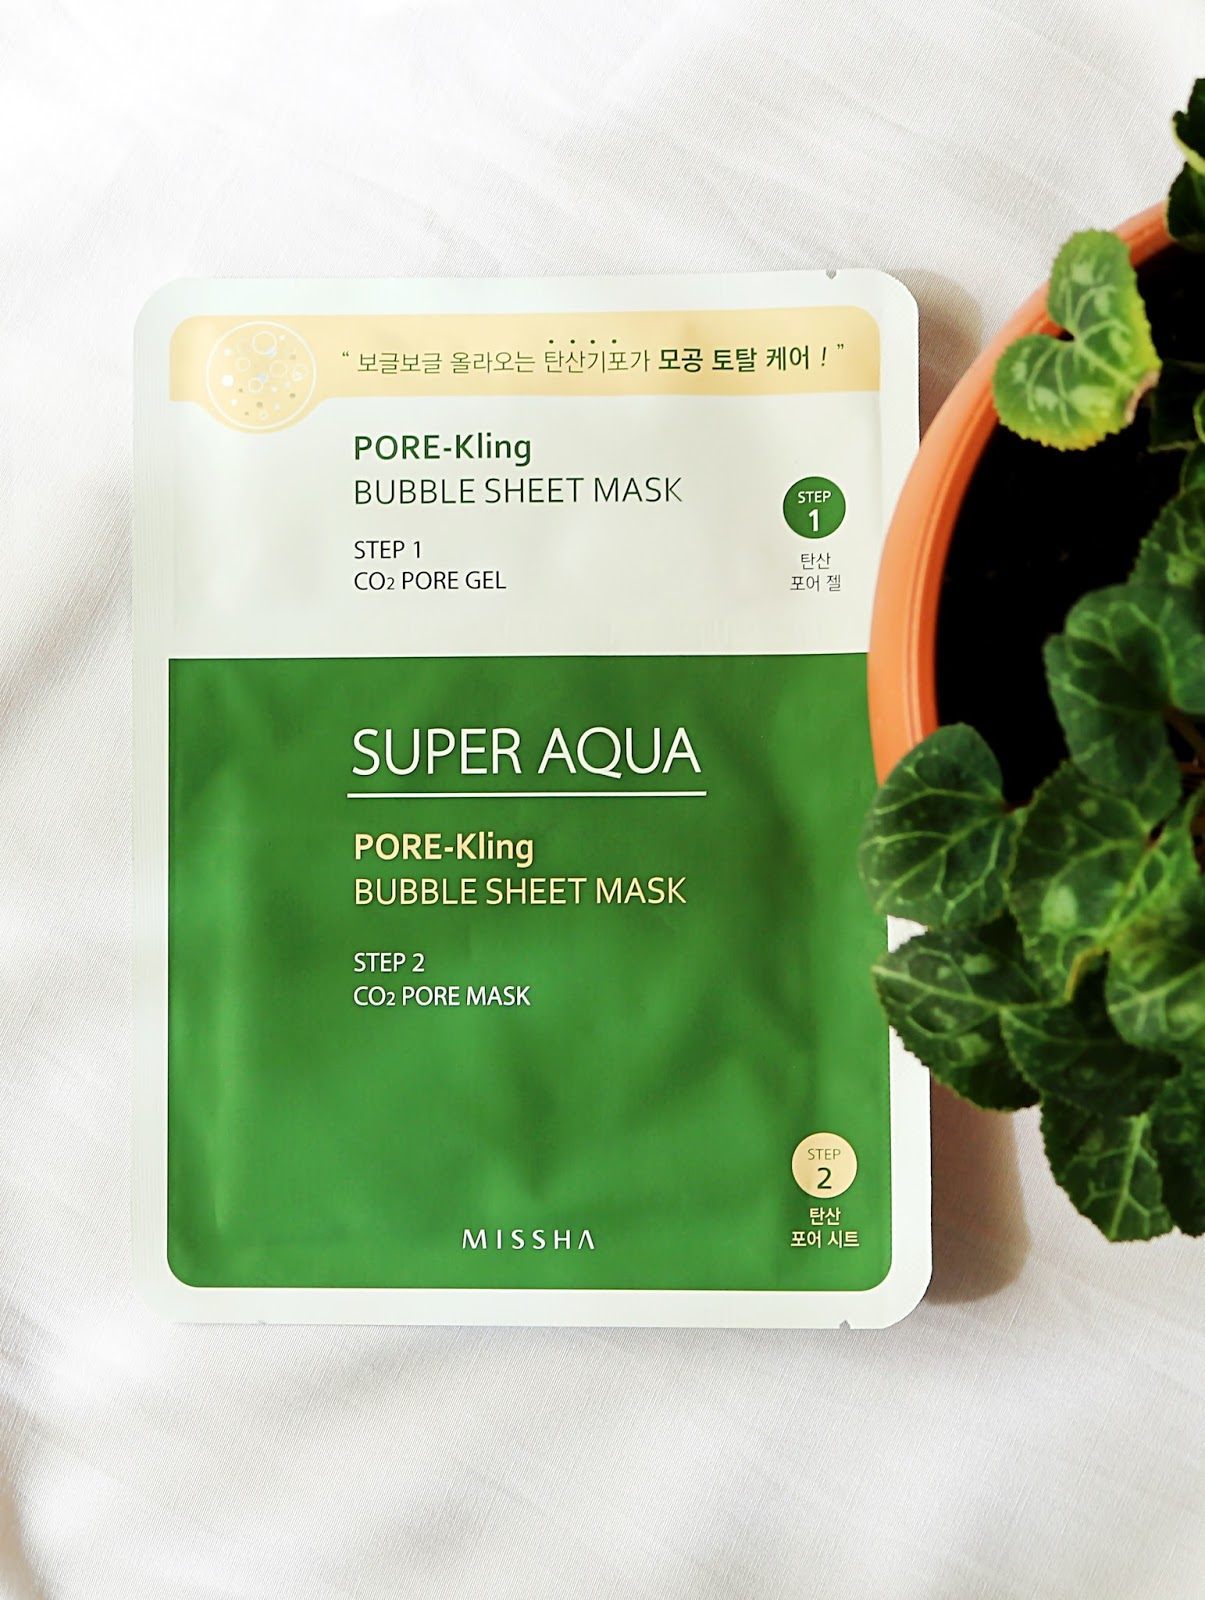 Pojedynek maseczek oczyszczających | Skin79, Missha, Sephora, L'Oreal, Bielenda, AA